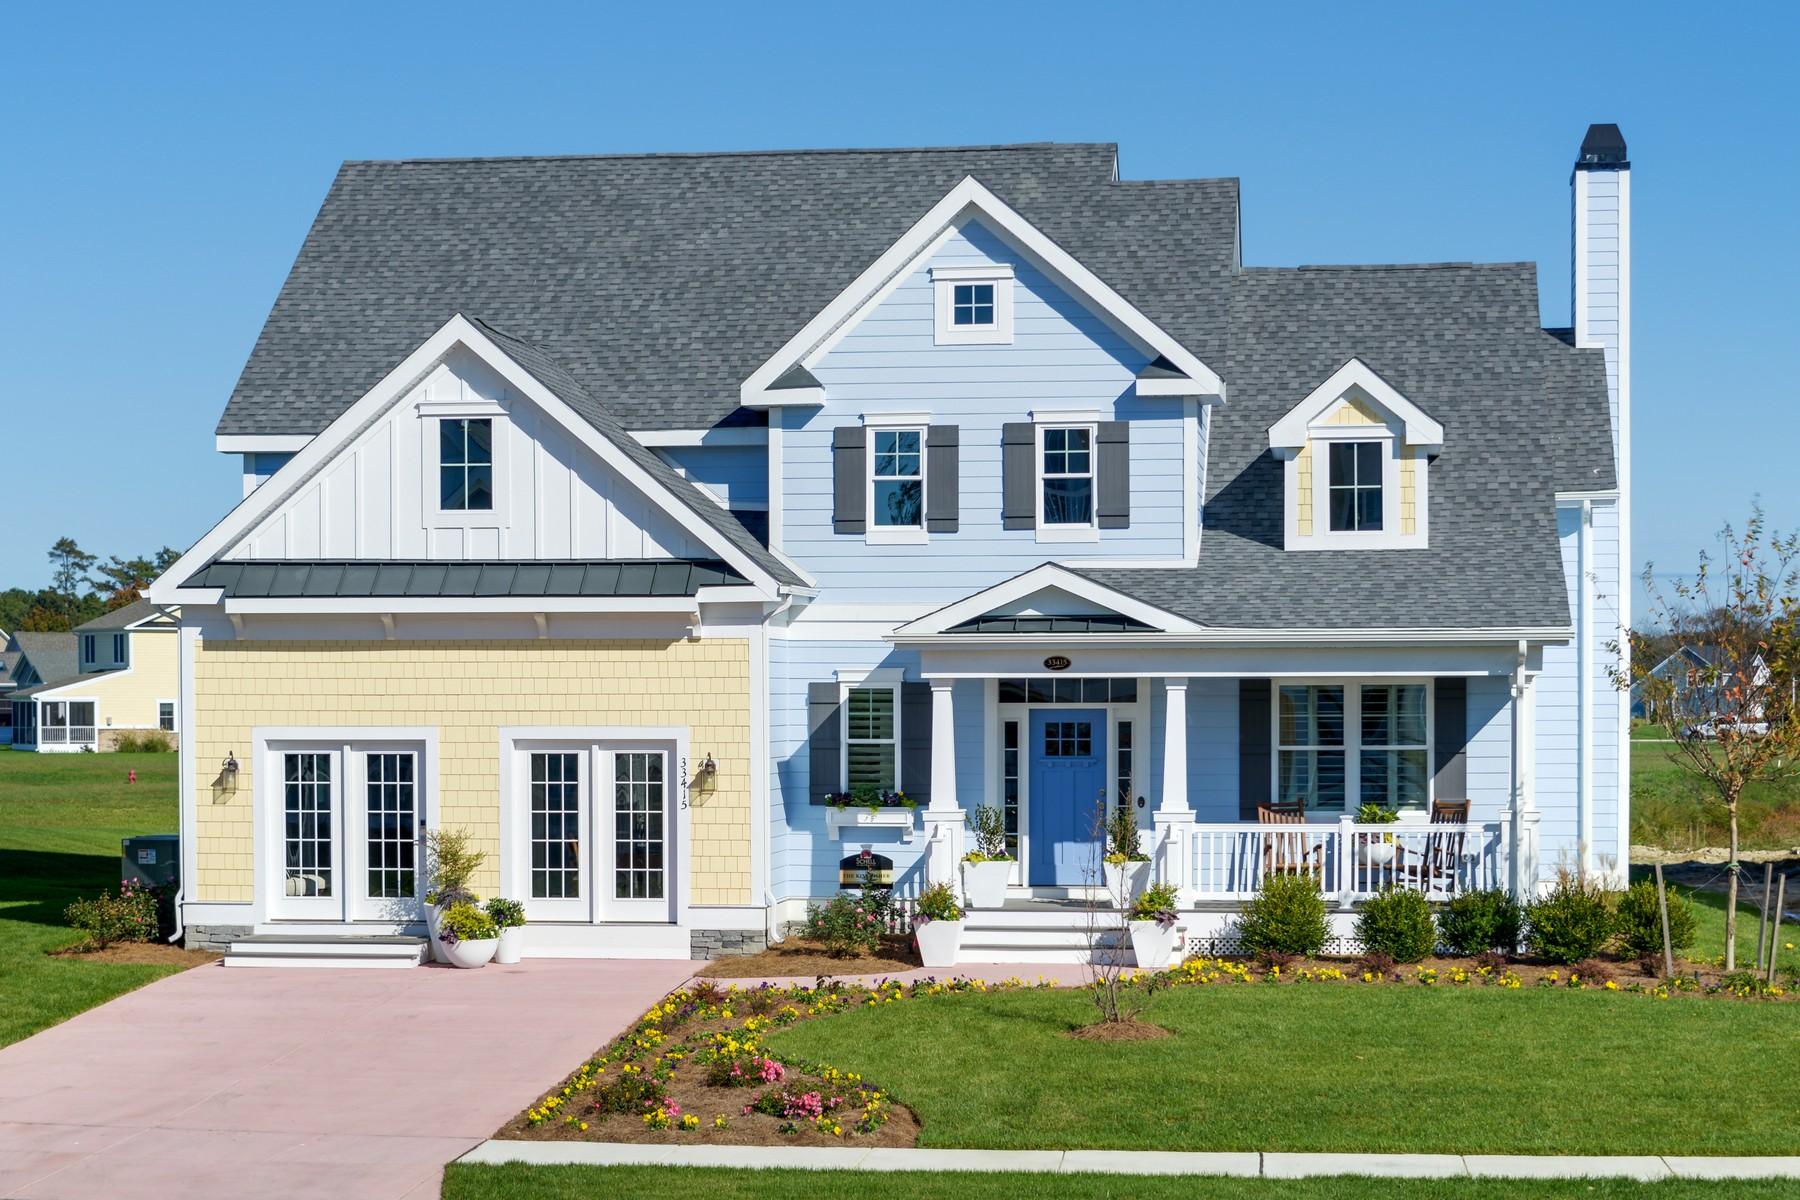 独户住宅 为 销售 在 33415 Marina Bay Circle , Millsboro, DE 19966 33415 Marina Bay Circle 米尔斯伯勒, 19966 美国